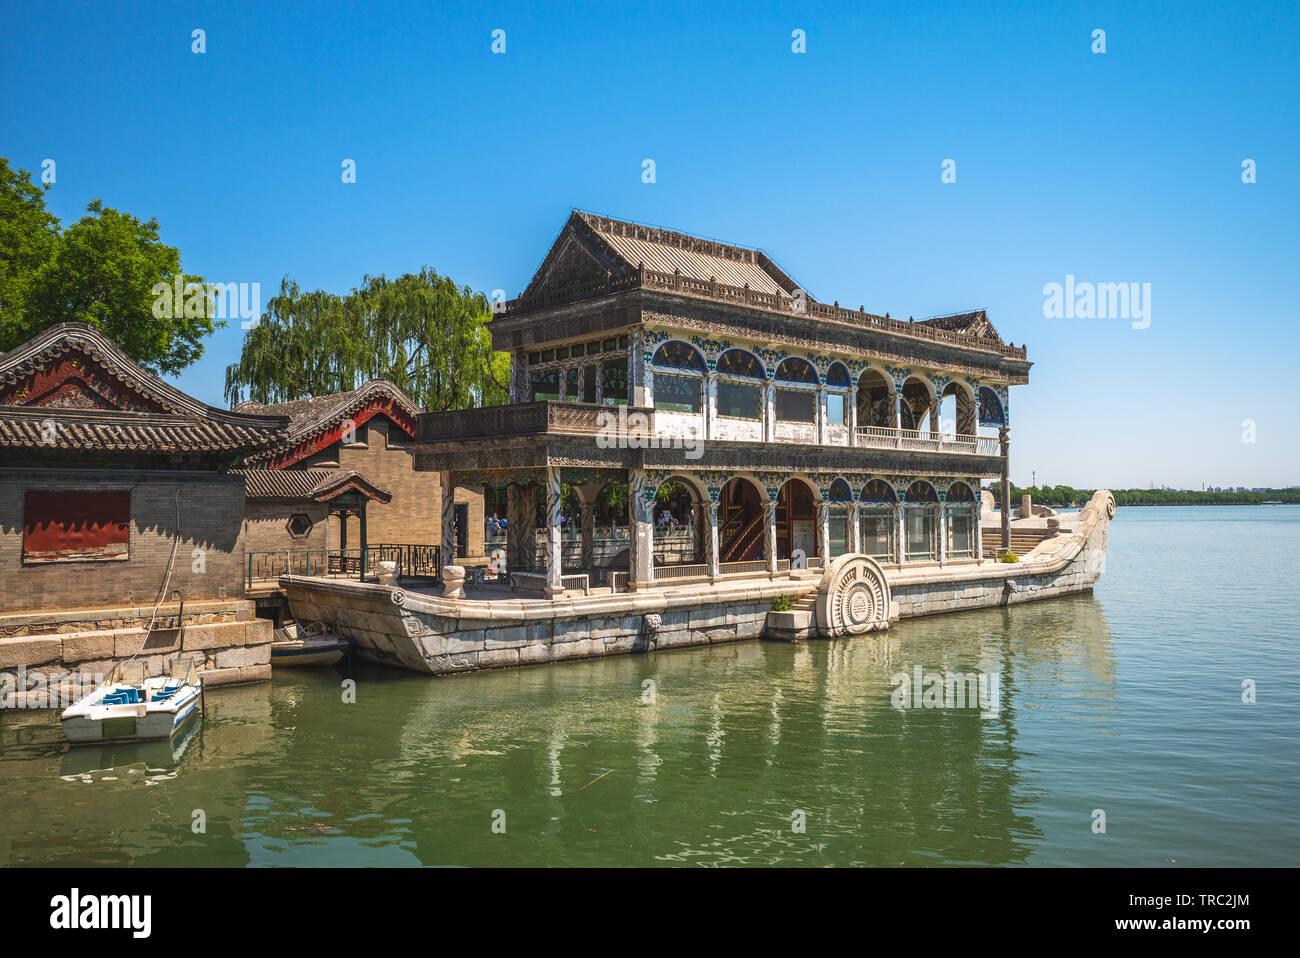 Barca di purezza e di facilità nel palazzo d'estate, Pechino Immagini Stock